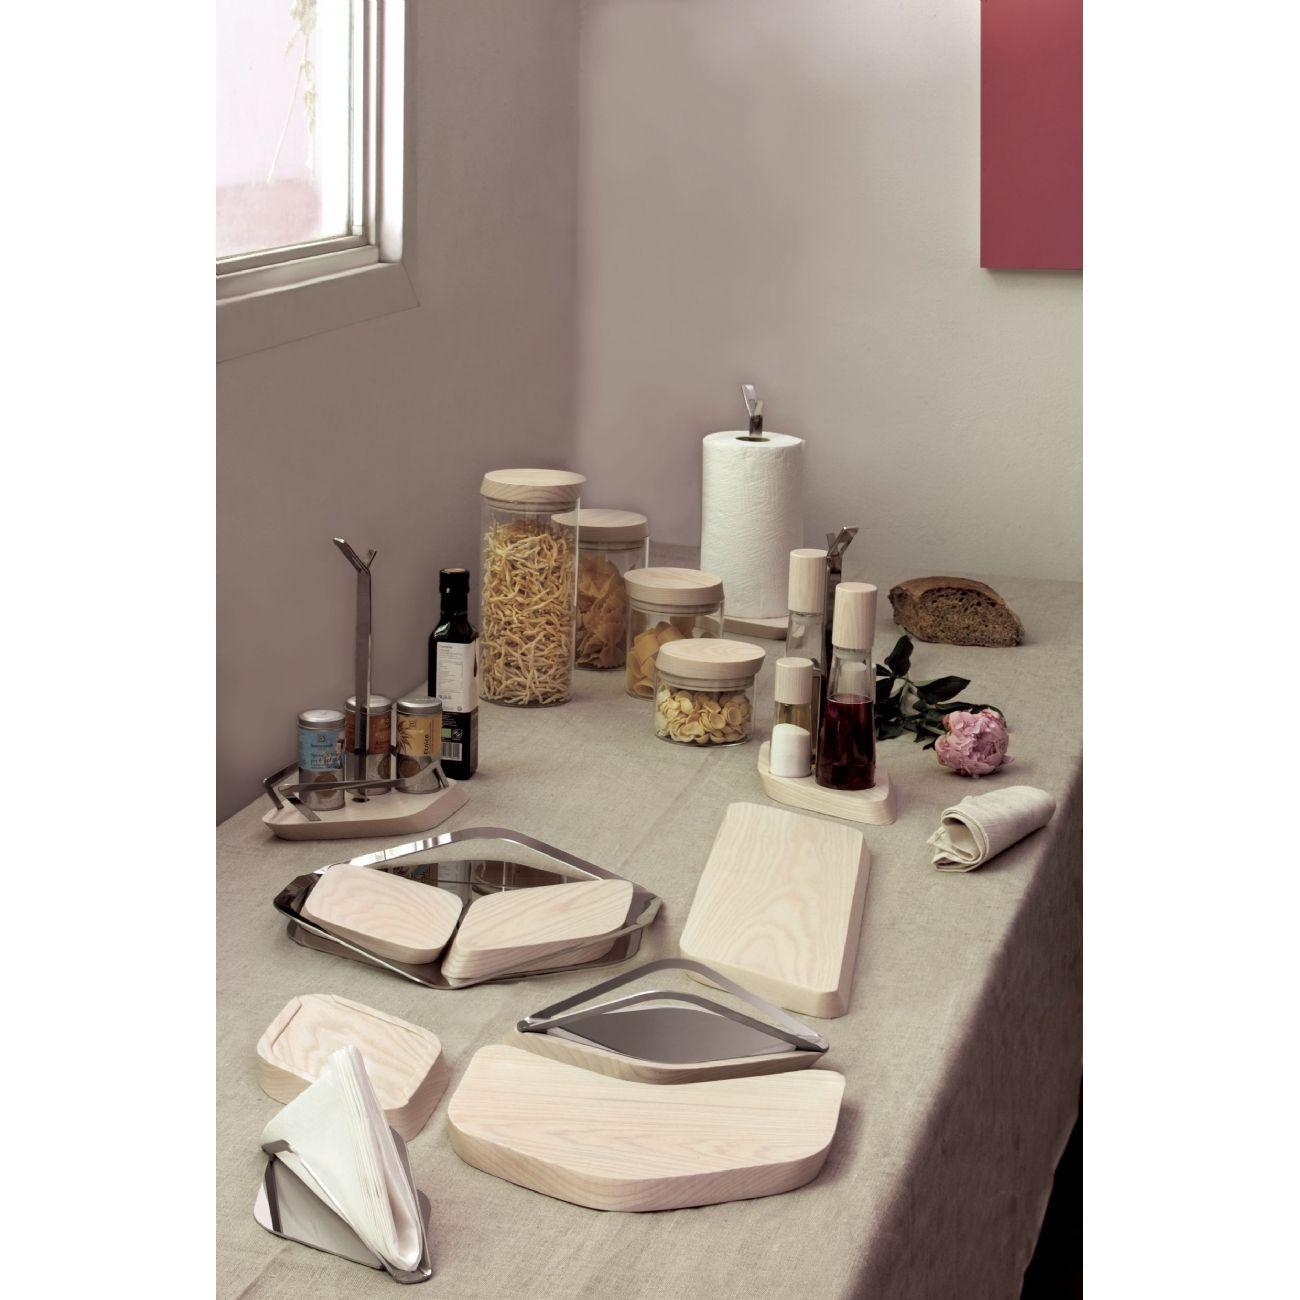 Porta tovaglioli, Accessori per tavola e cucina - Trattoria - CASA ...